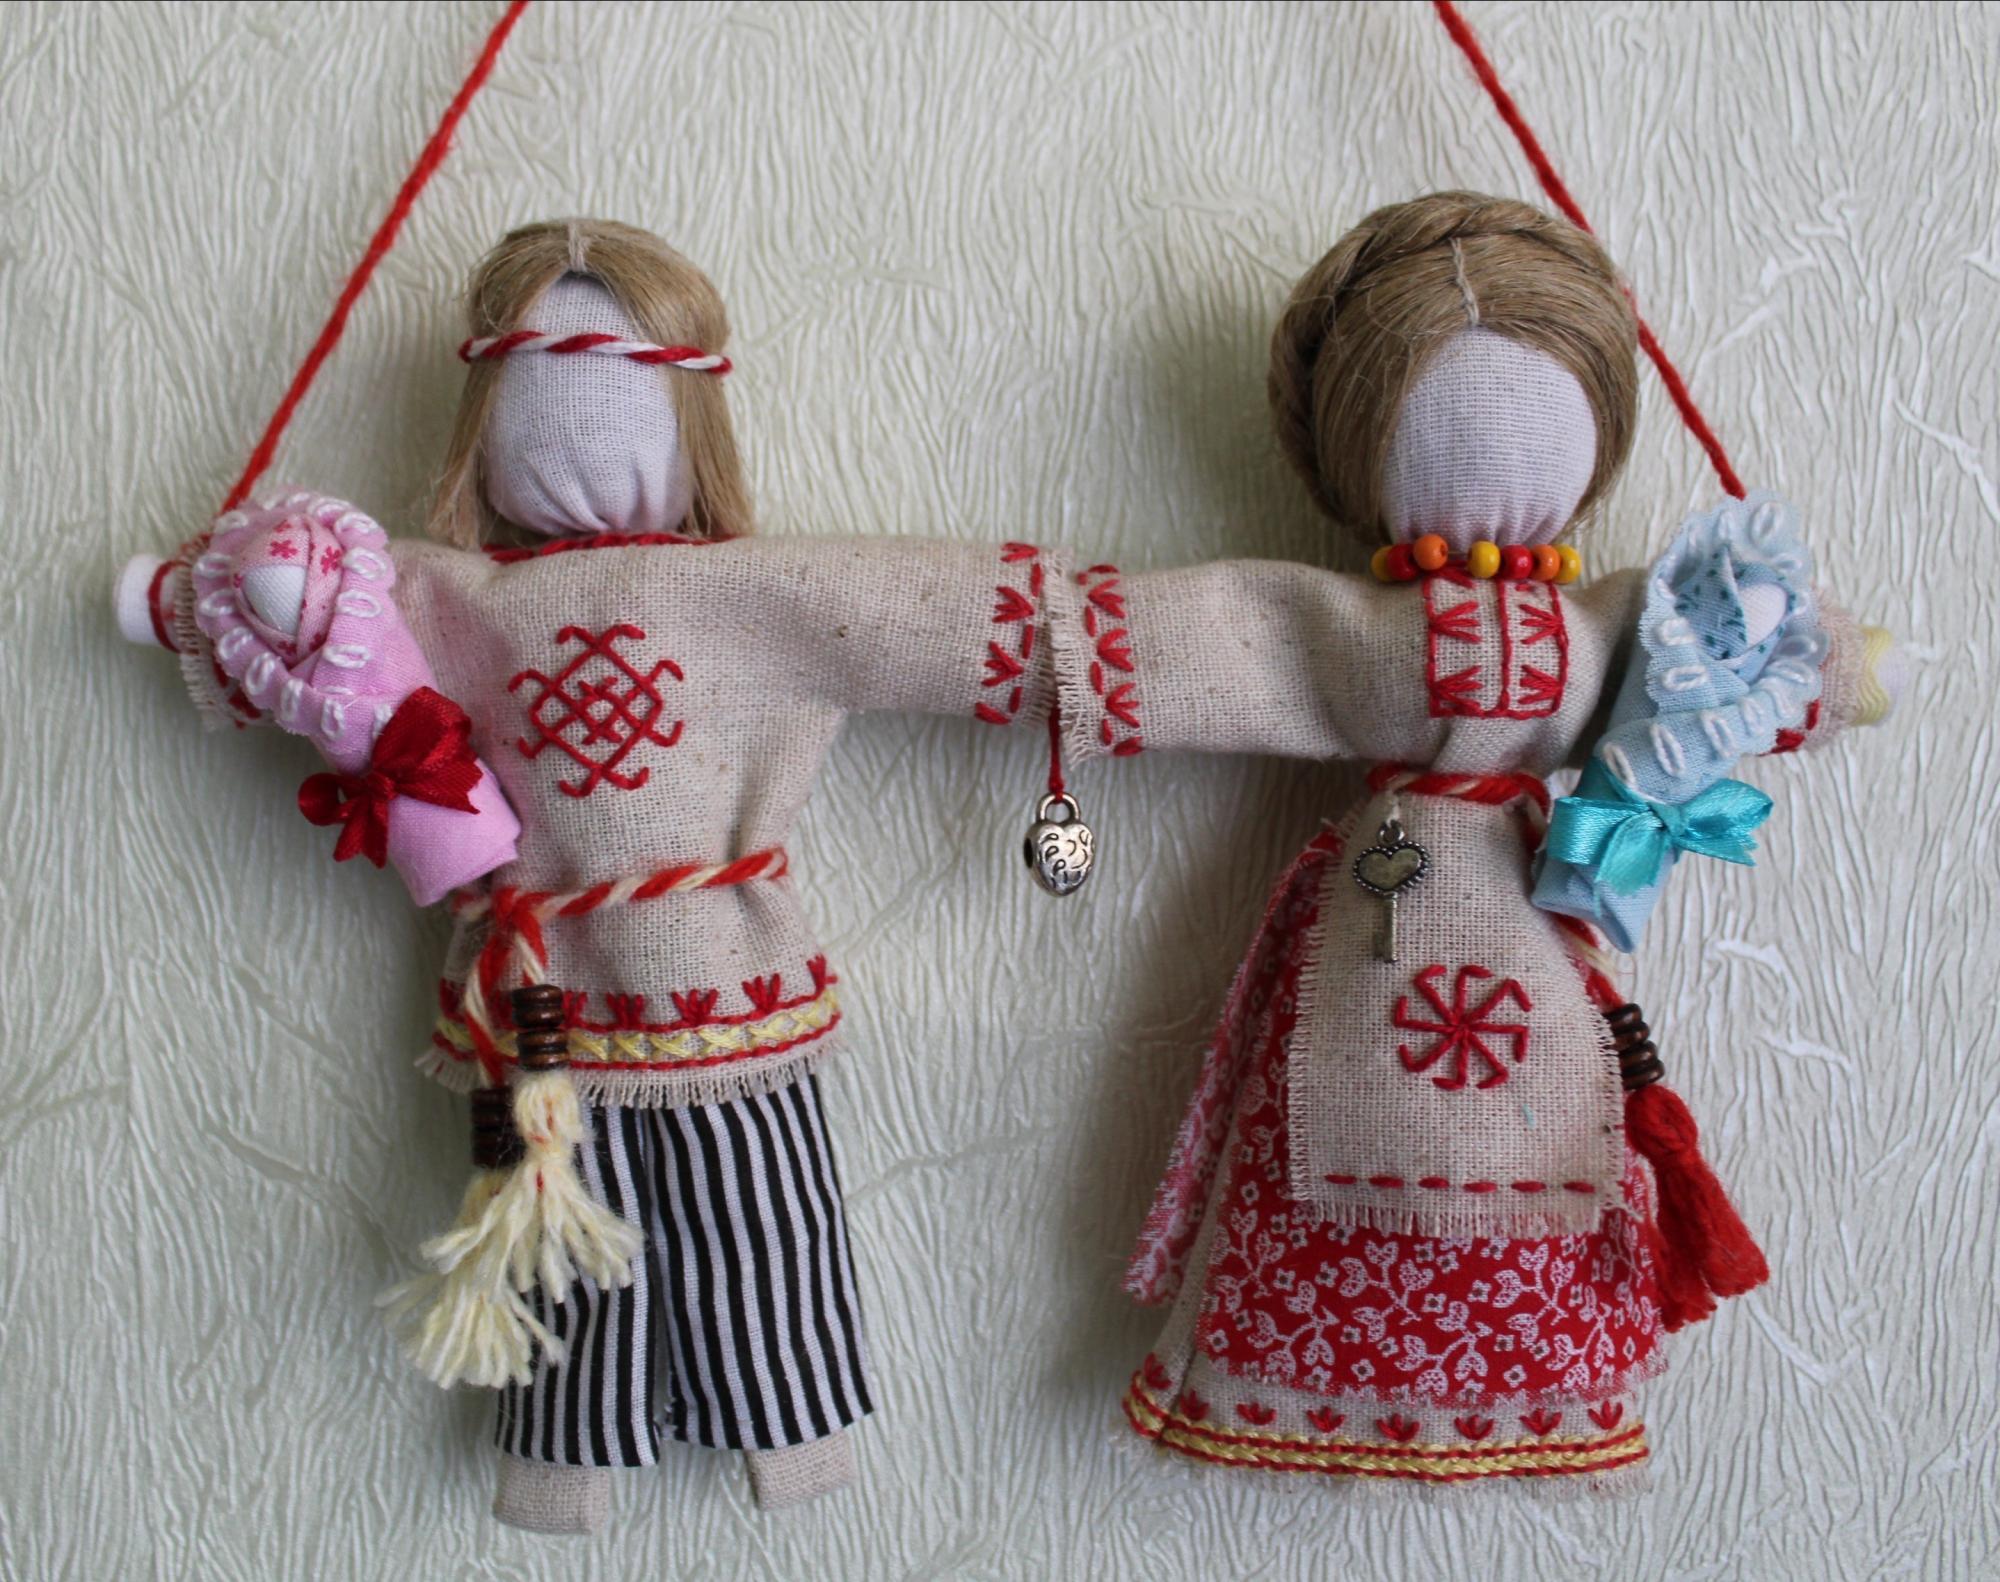 красивые дорожки куклы для молодоженов в старину фото нужно найти